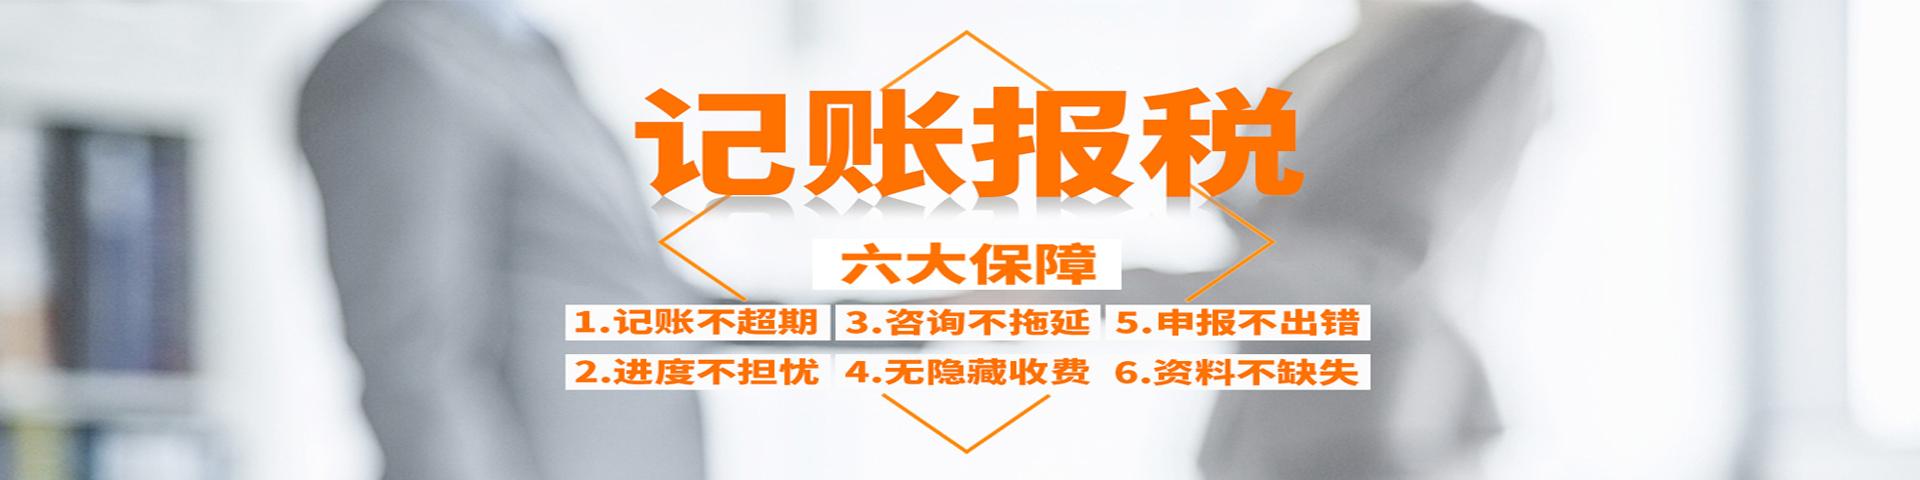 深圳公司记账报税